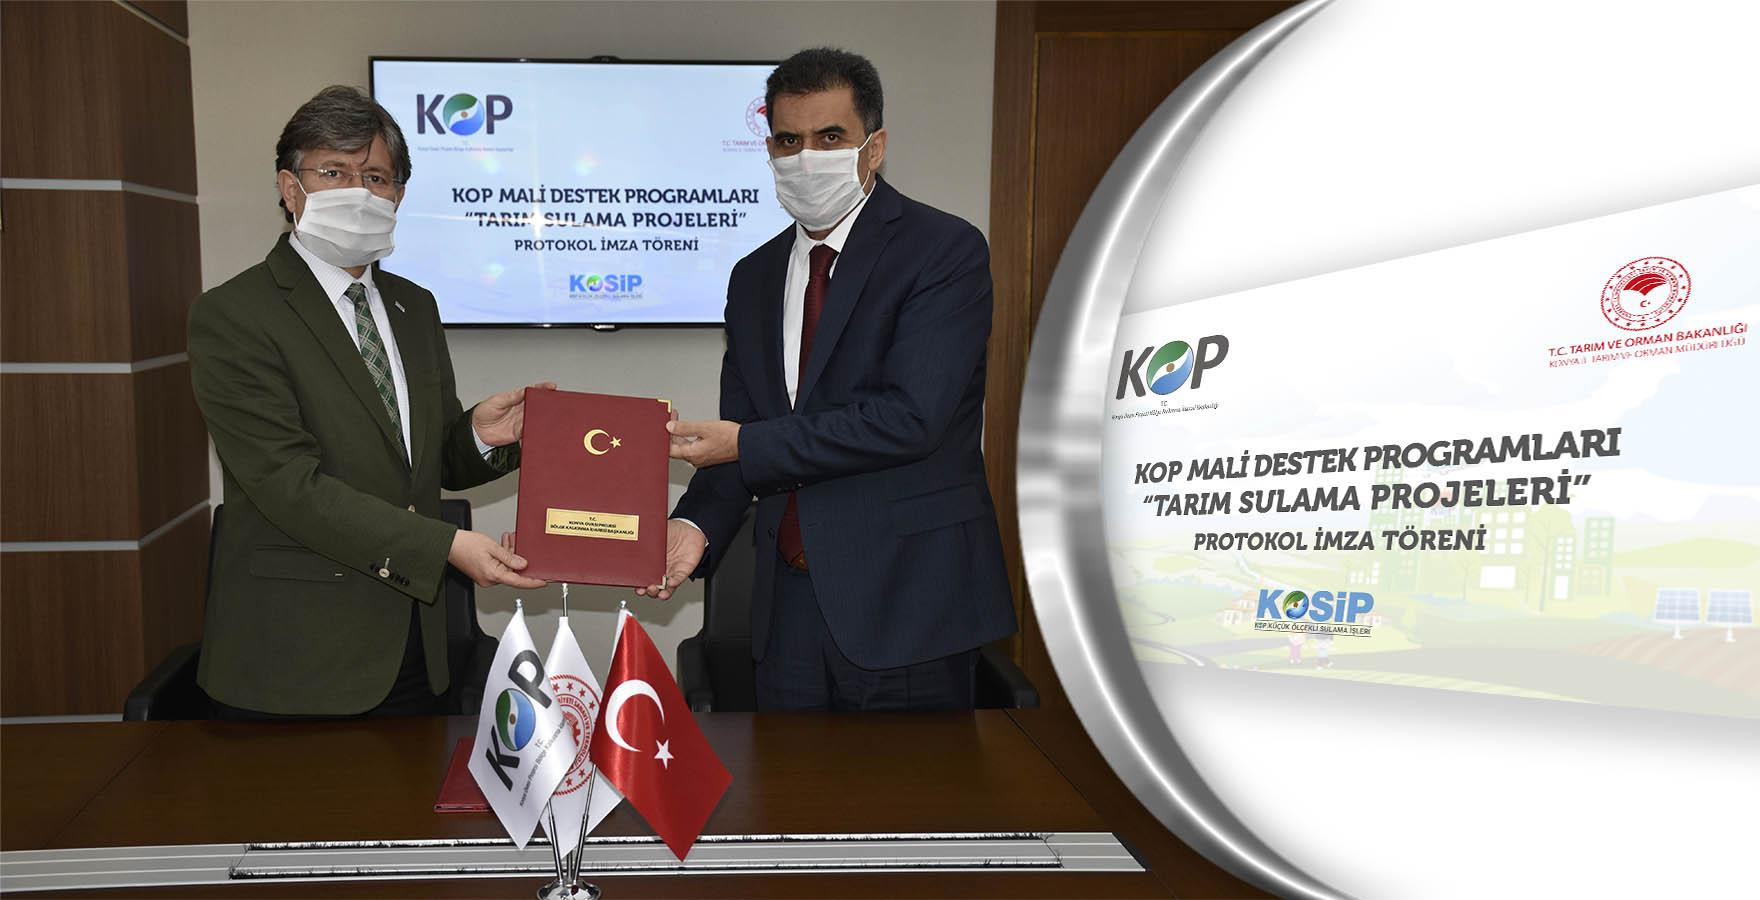 KOP İdaresi-Konya Tarım İşbirliğiyle Akıllı Sulama Dönemi